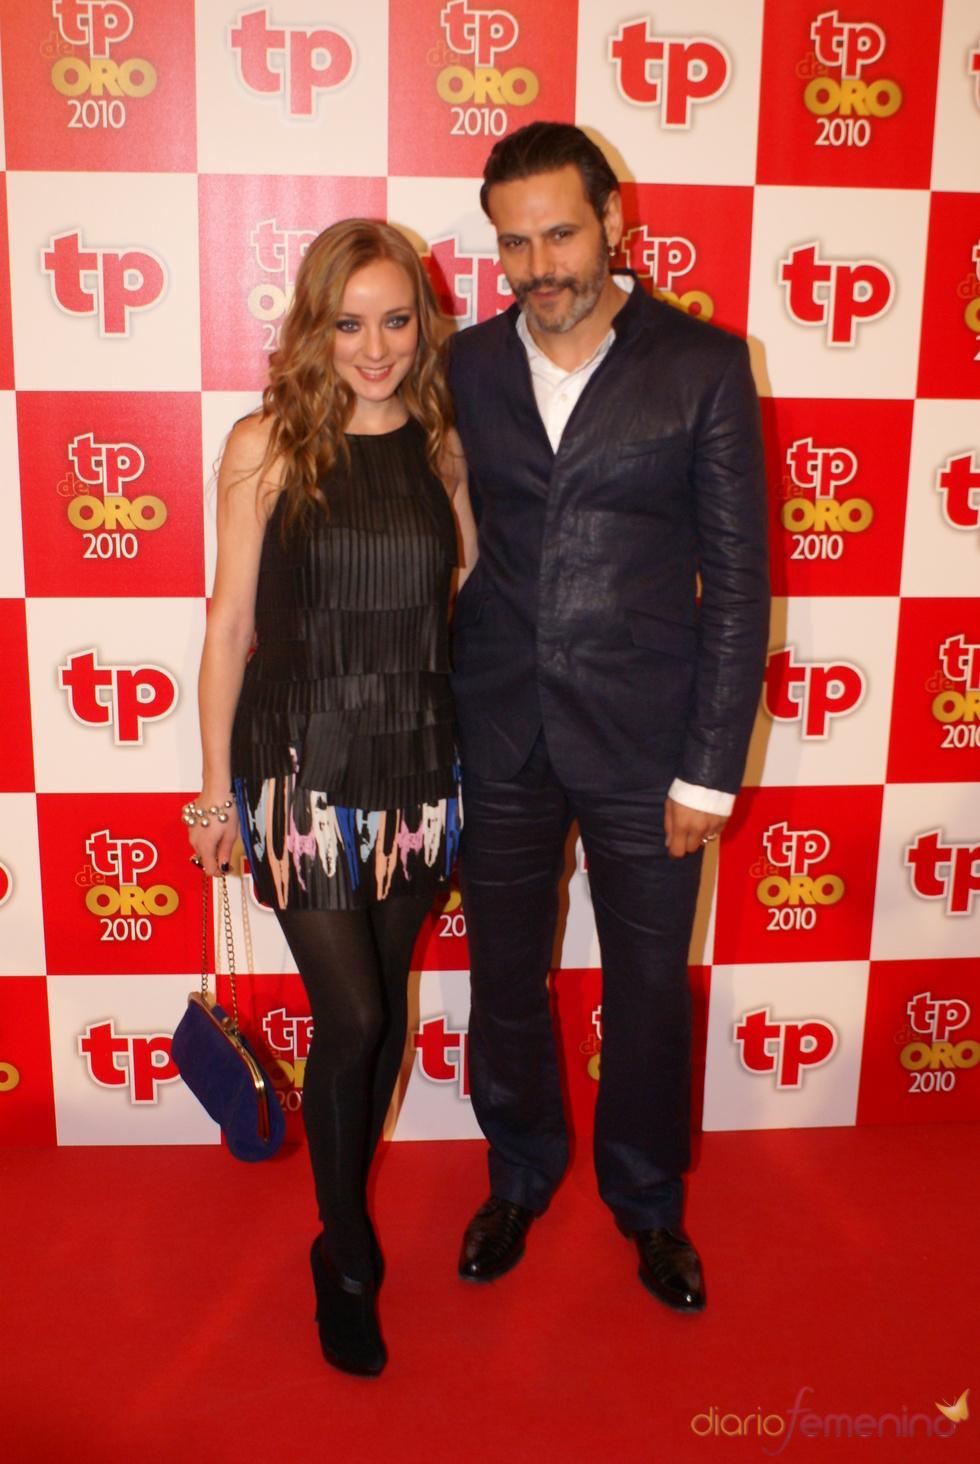 Ángela Cremonte y Roberto Enríquez en los Premios Tp de Oro 2010